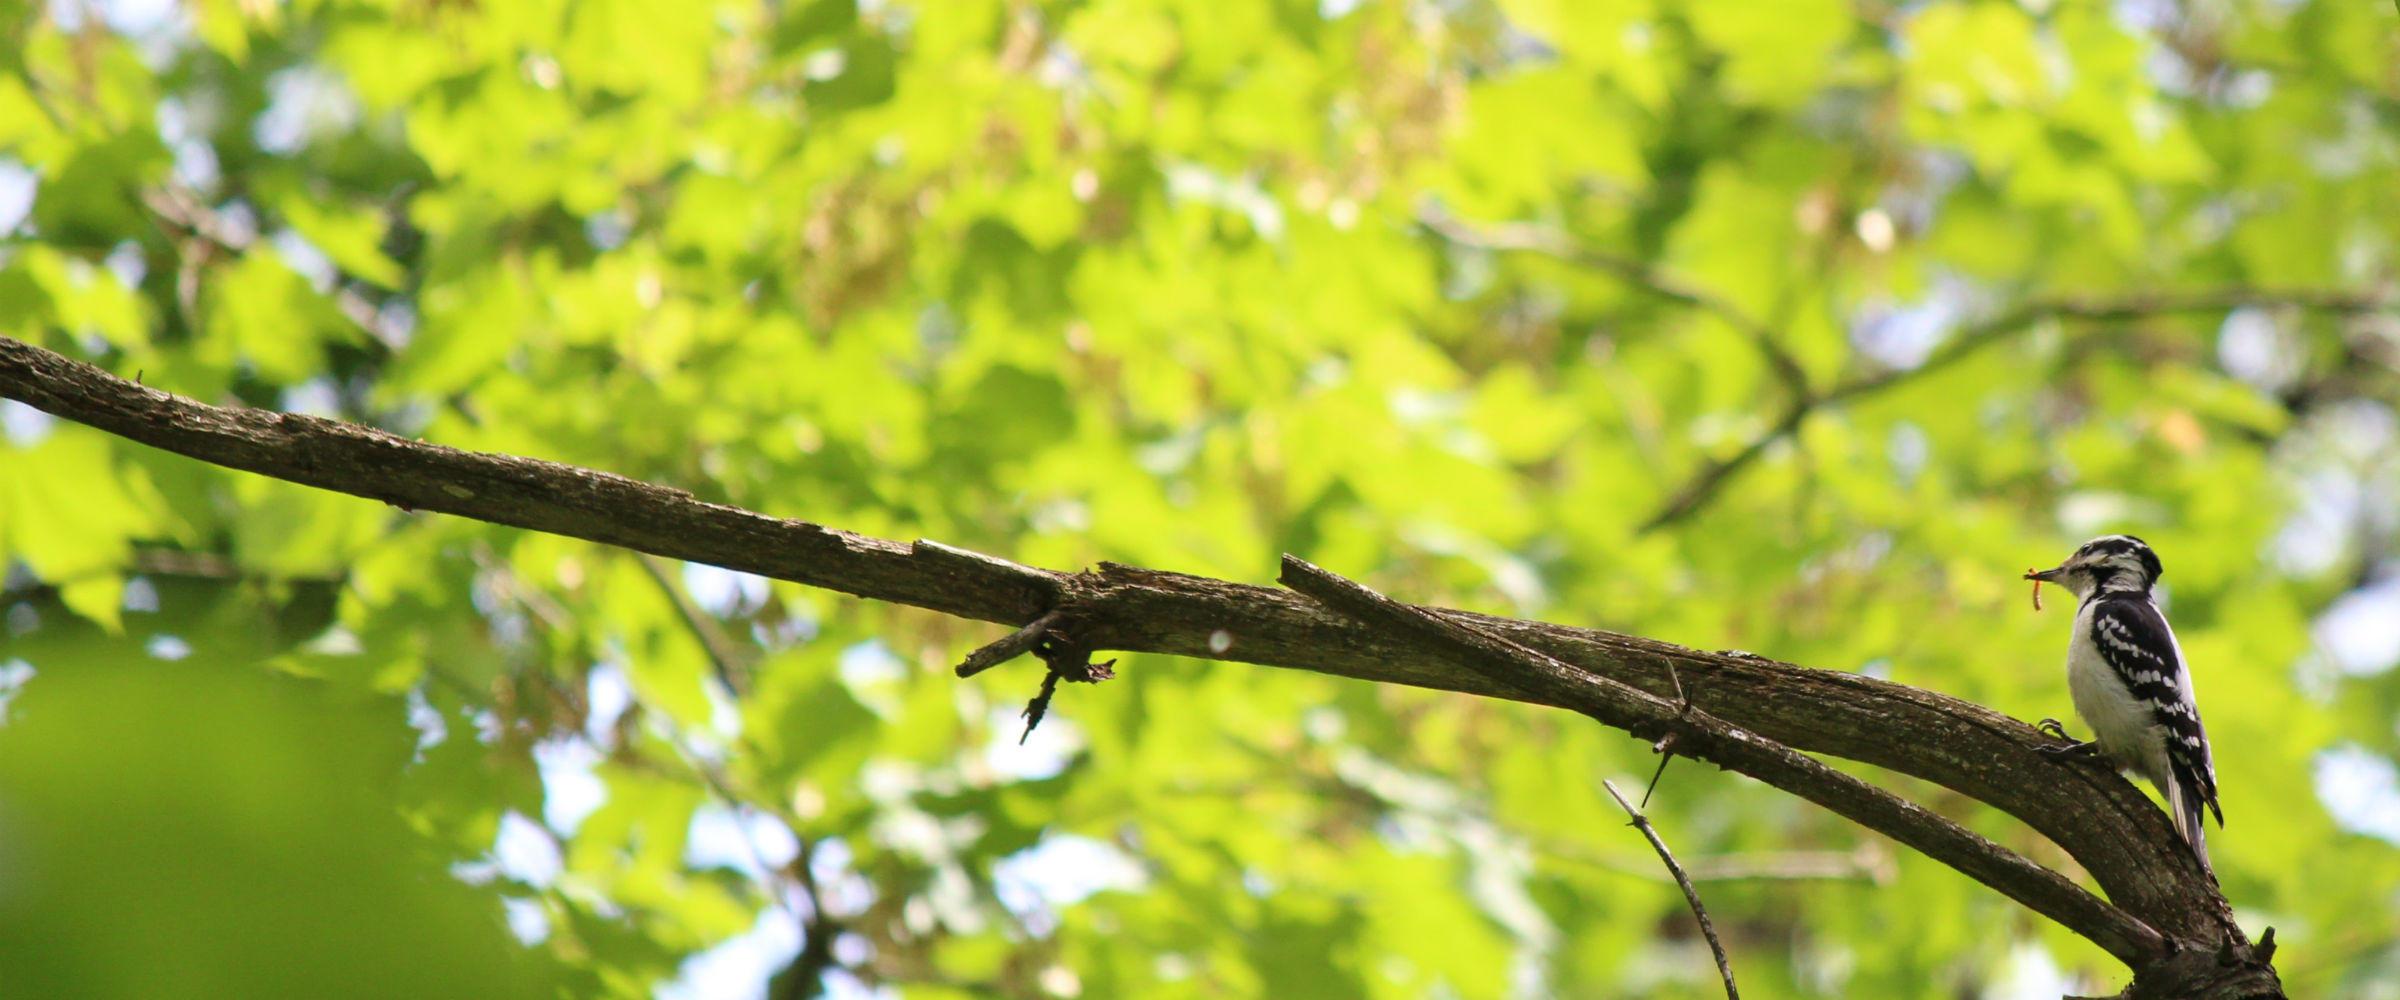 hairy_woodpecker_audubon_vermont